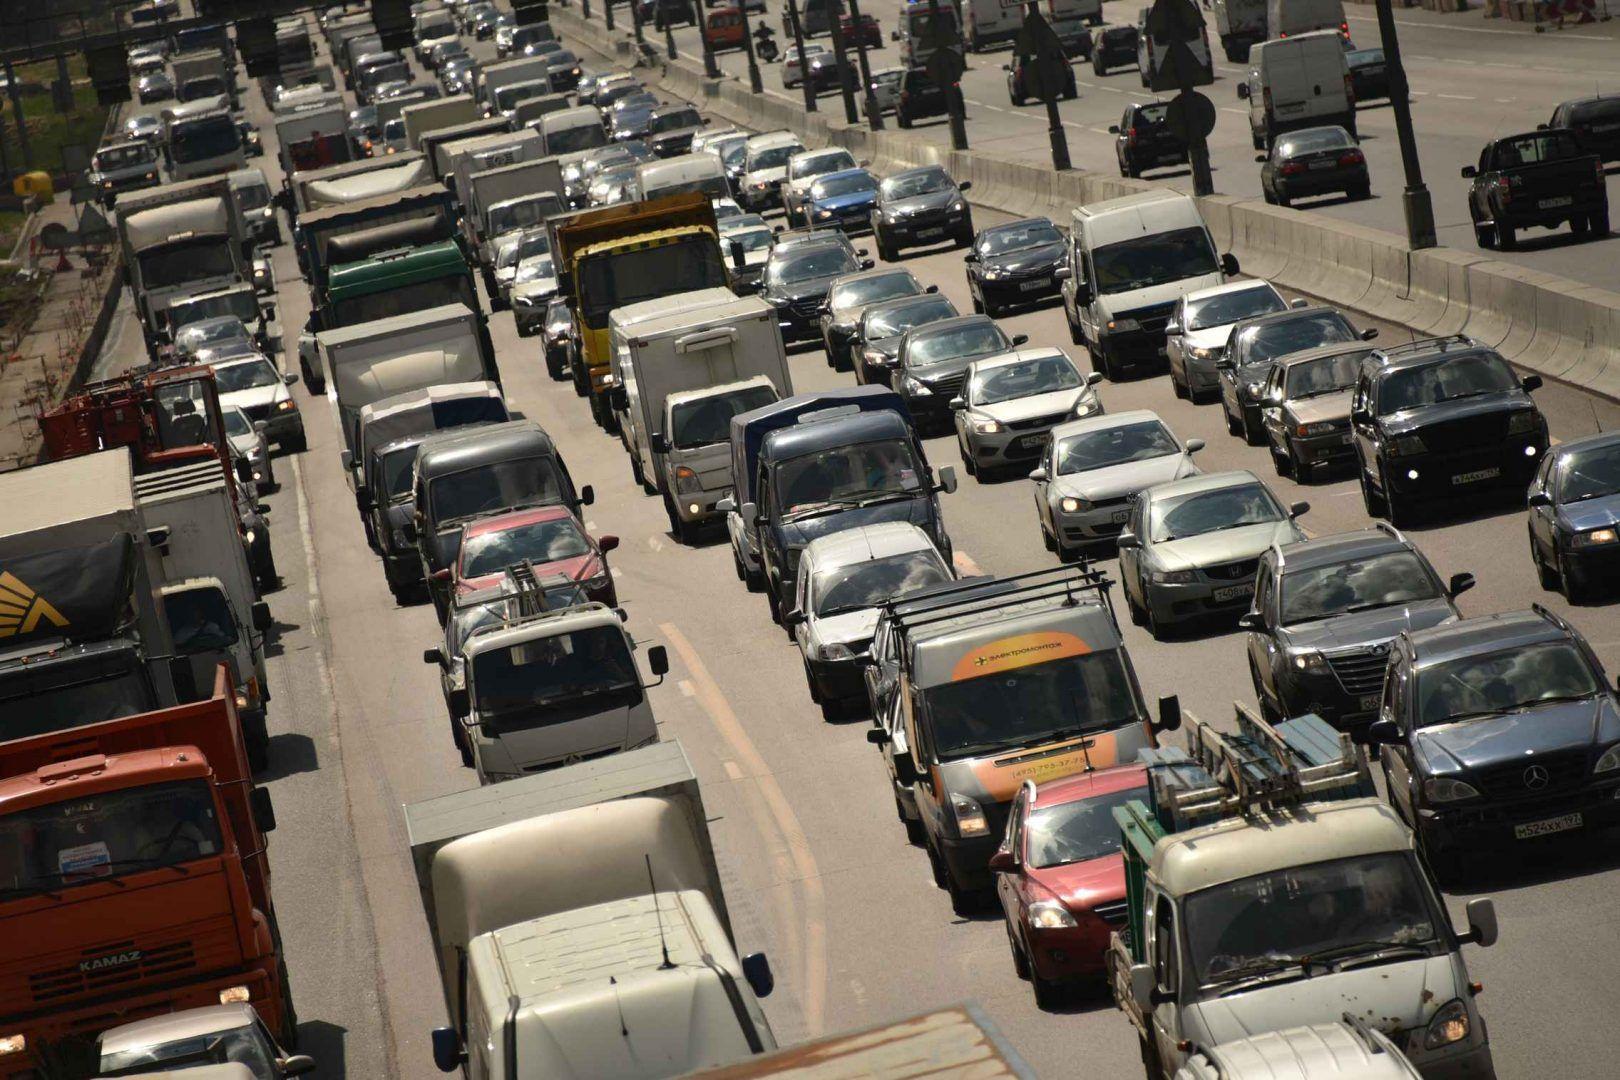 В столице ожидается осложнение дорожной ситуации. Фото: Владимир Новиков